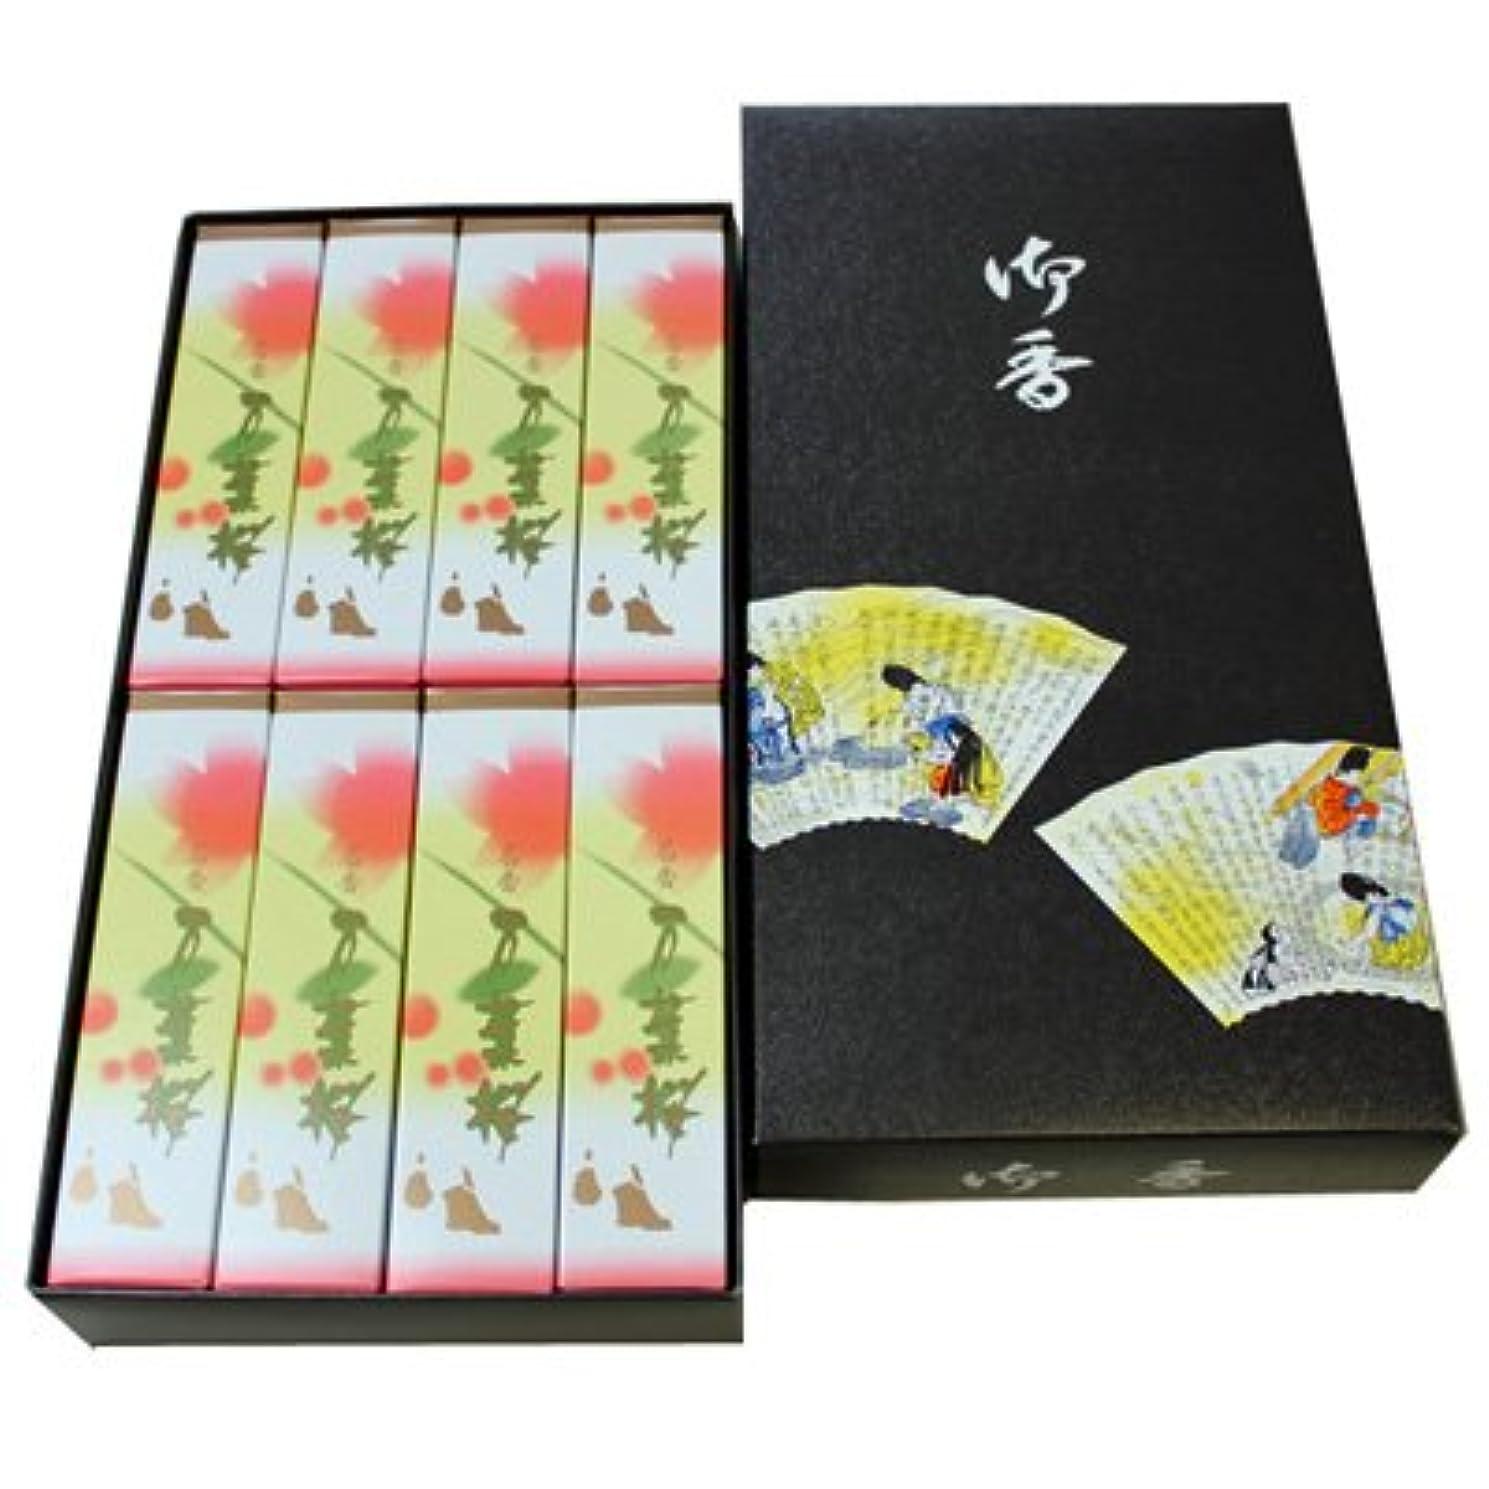 ワーディアンケース海藻設計図万葉桜セット 贈り物用 贈答用 ギフト用 お線香